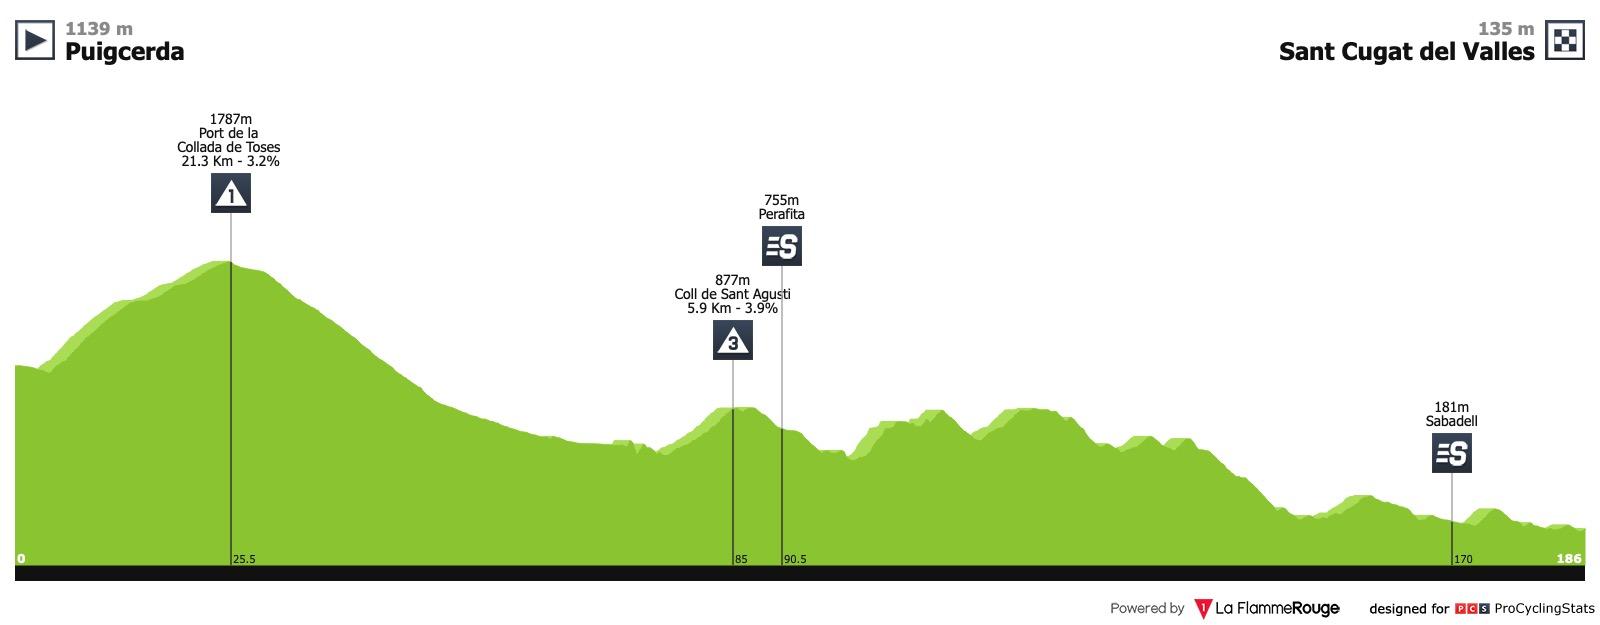 Volta Ciclista a Catalunya (2.HC) du 25 au 31 mars Volta-a-catalunya-2019-stage-5-profile-79545196db